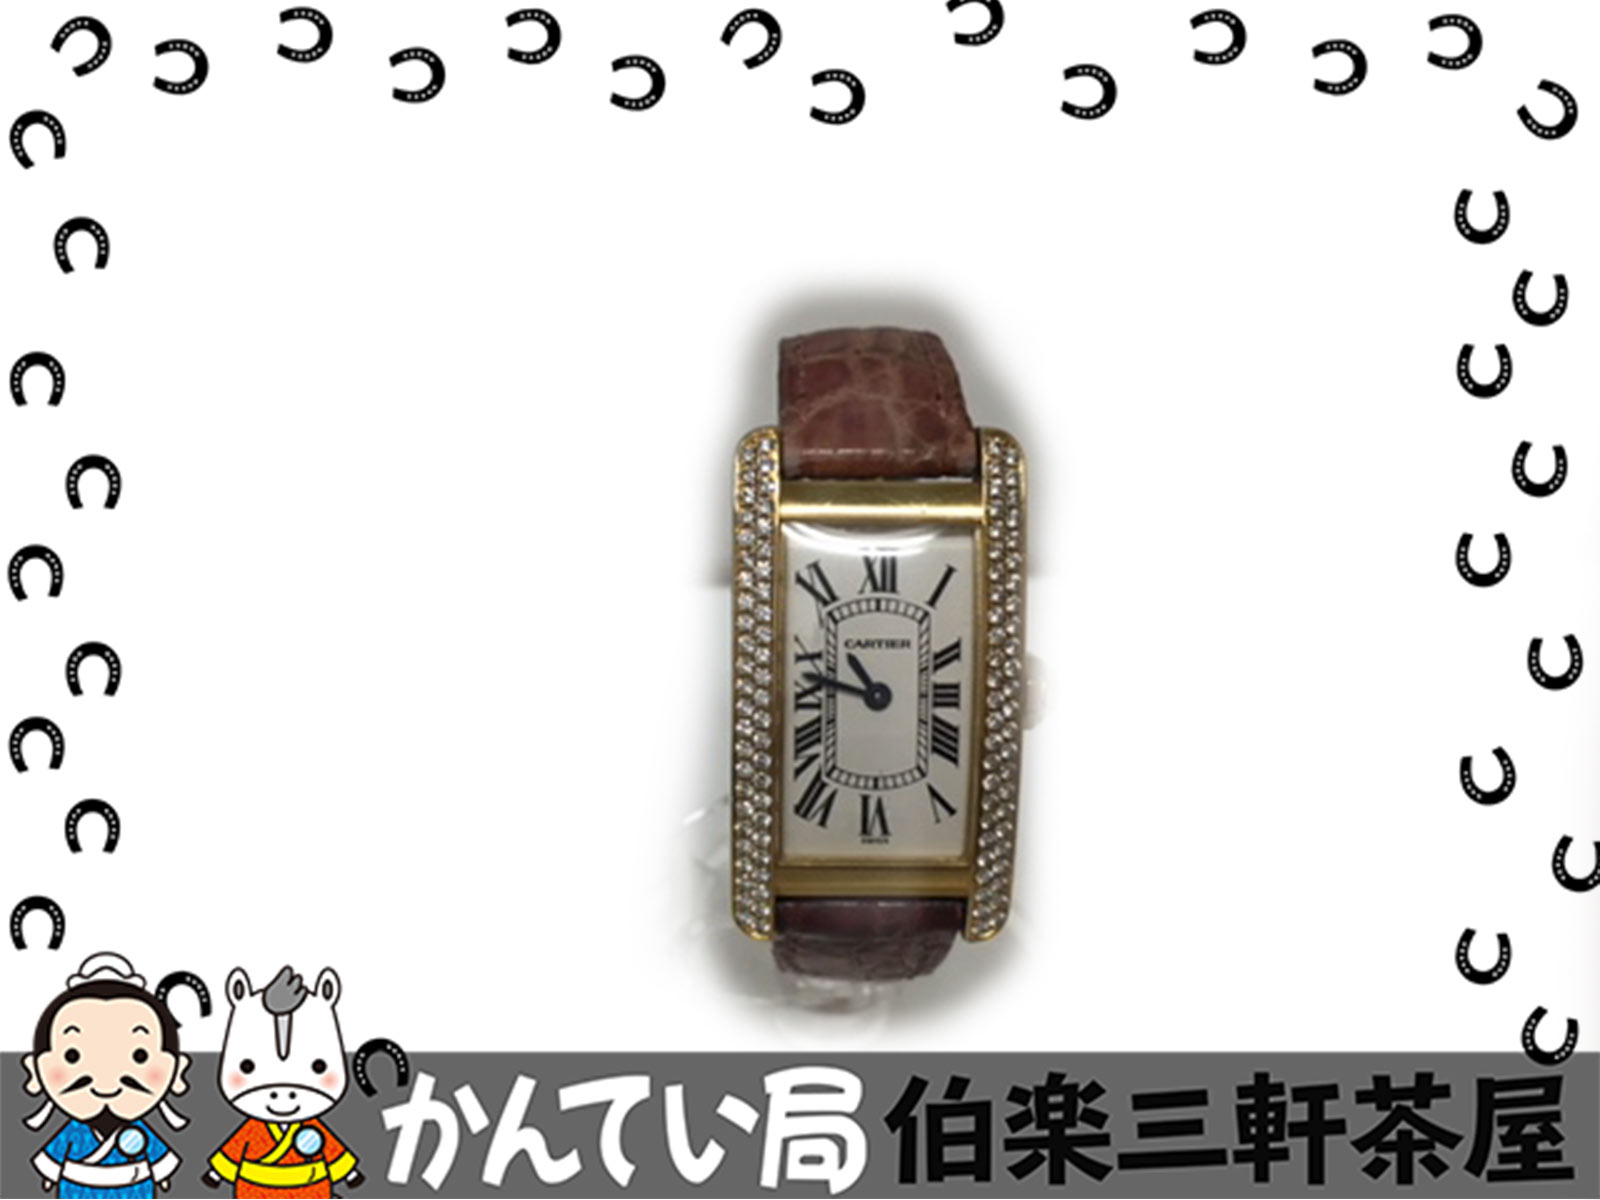 CARTIER(カルティエ)タンクアメリカン 18KYG(18金イエローゴールド)ダイヤ クオーツ レディース腕時計【中古】